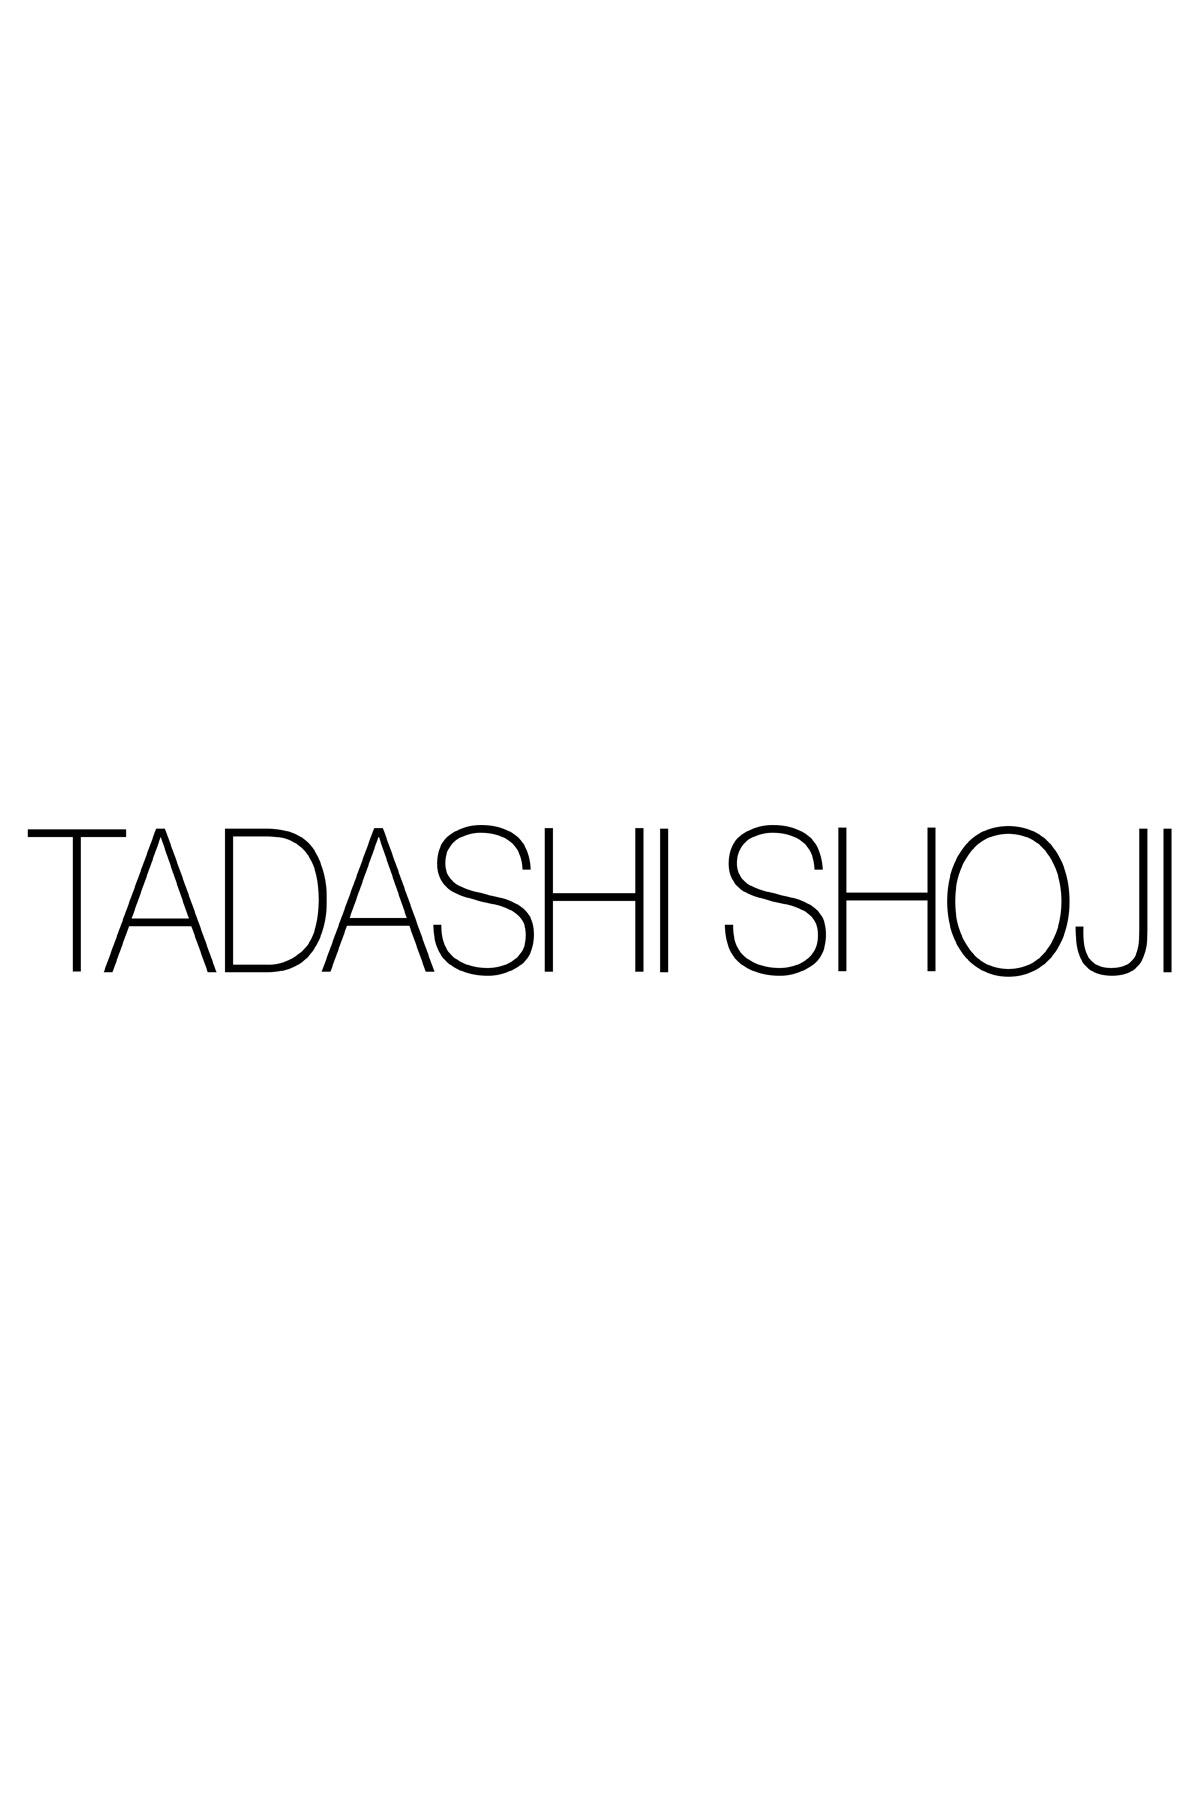 Tadashi Shoji - Moanna Lace Embroidered Dress